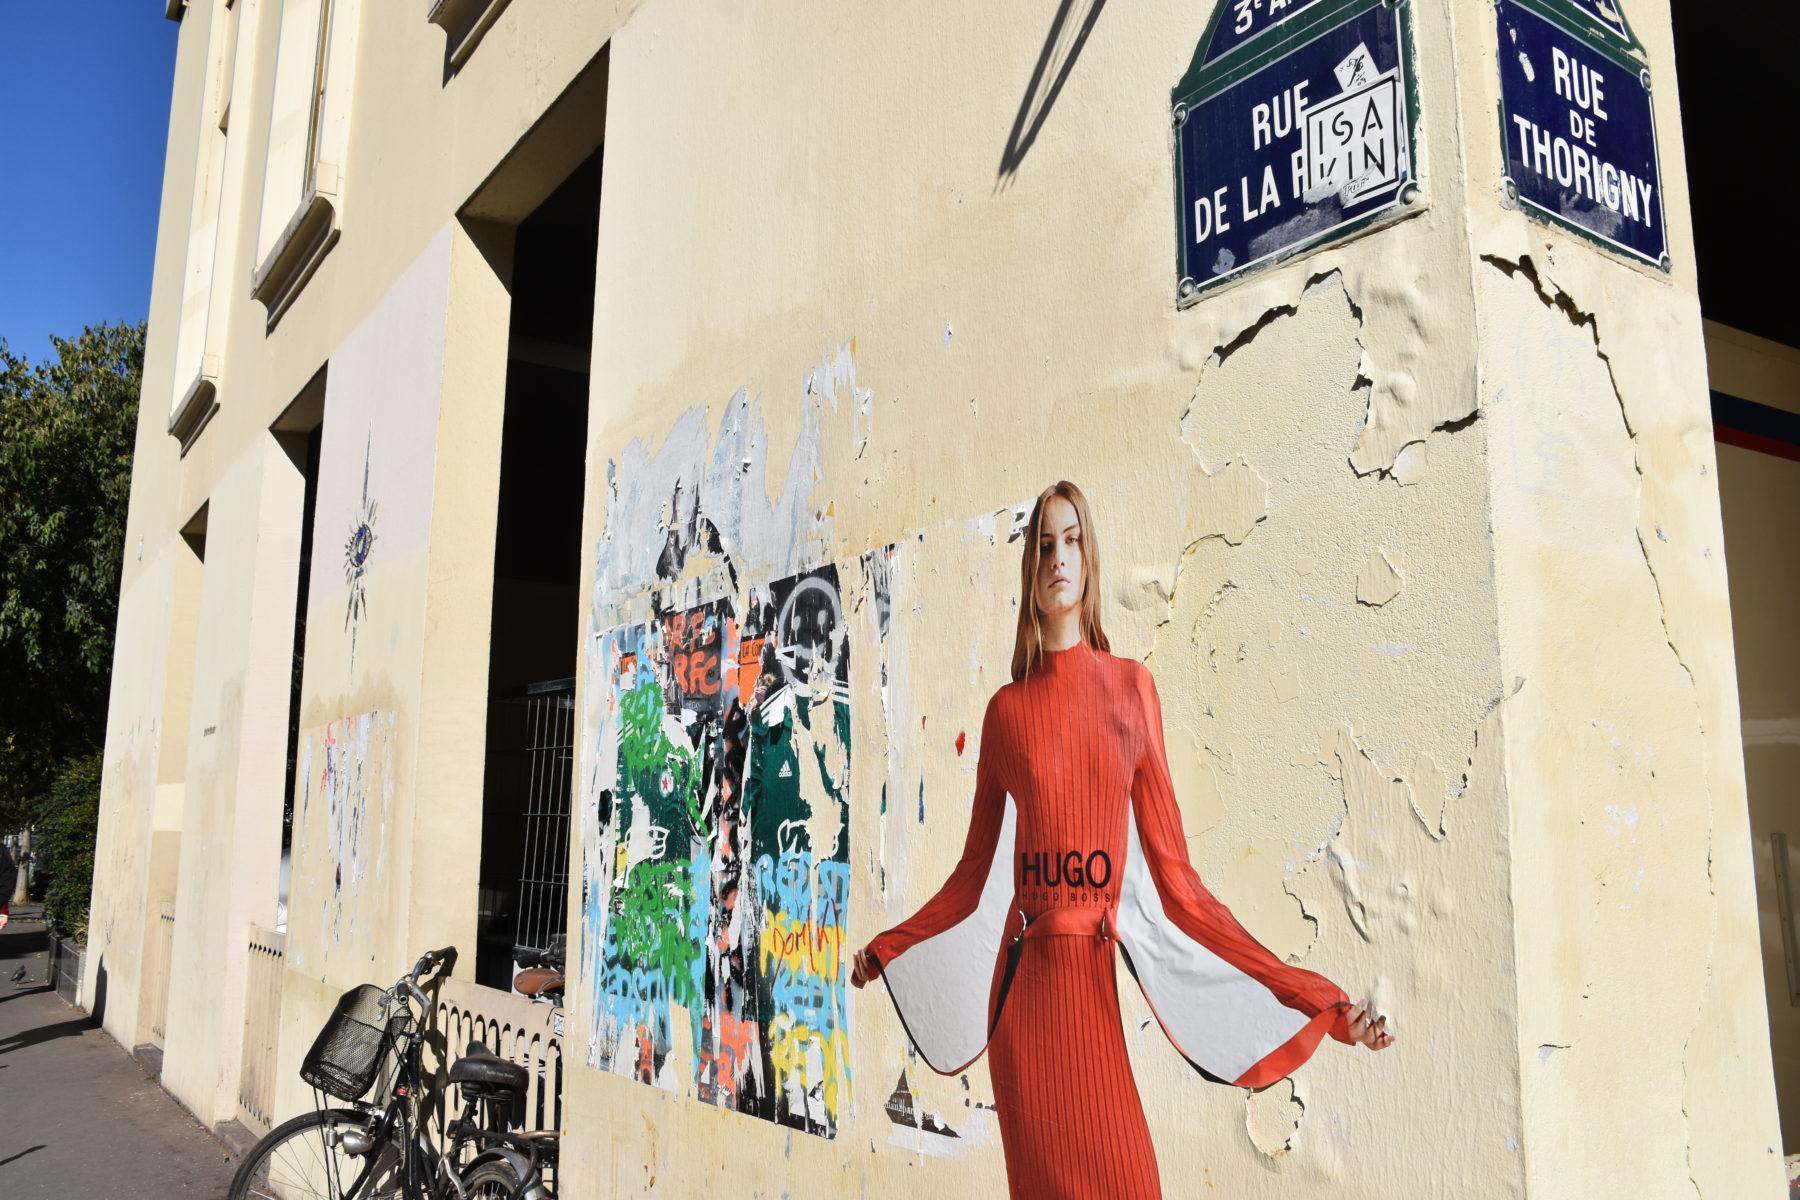 HUGO_STICKERING_4 Rue de la Perle-01